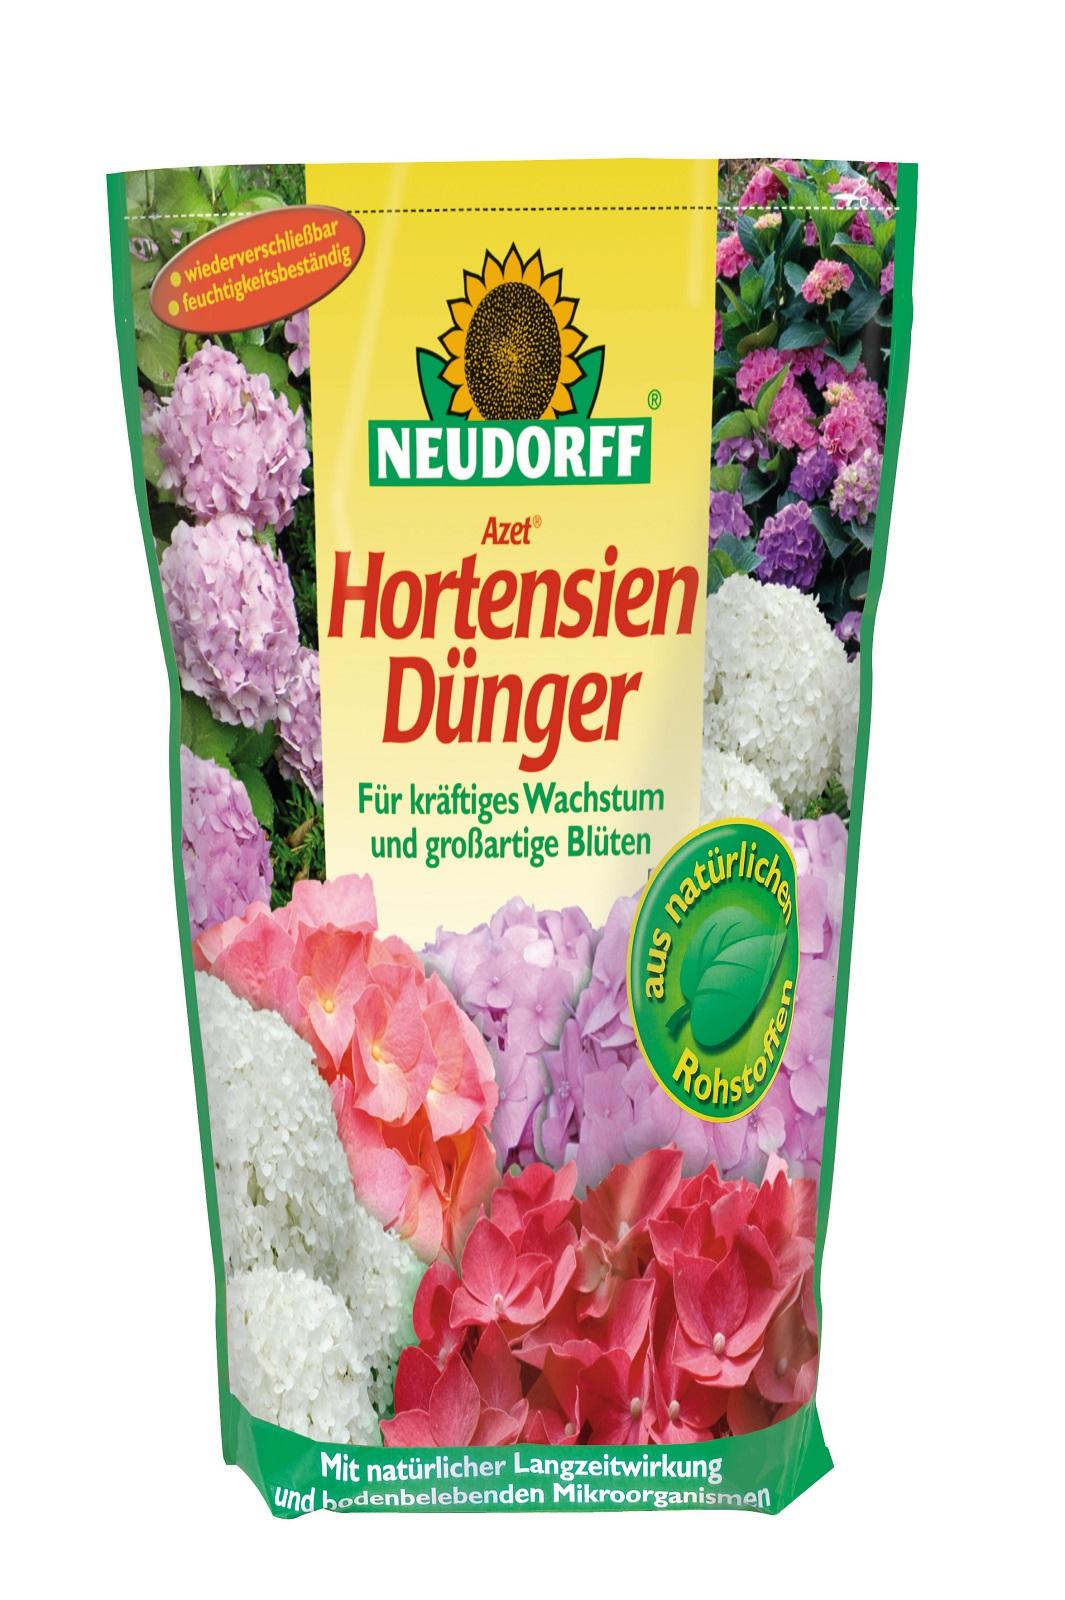 Neudorff Azet Hortensien Dünger 1,75 kg